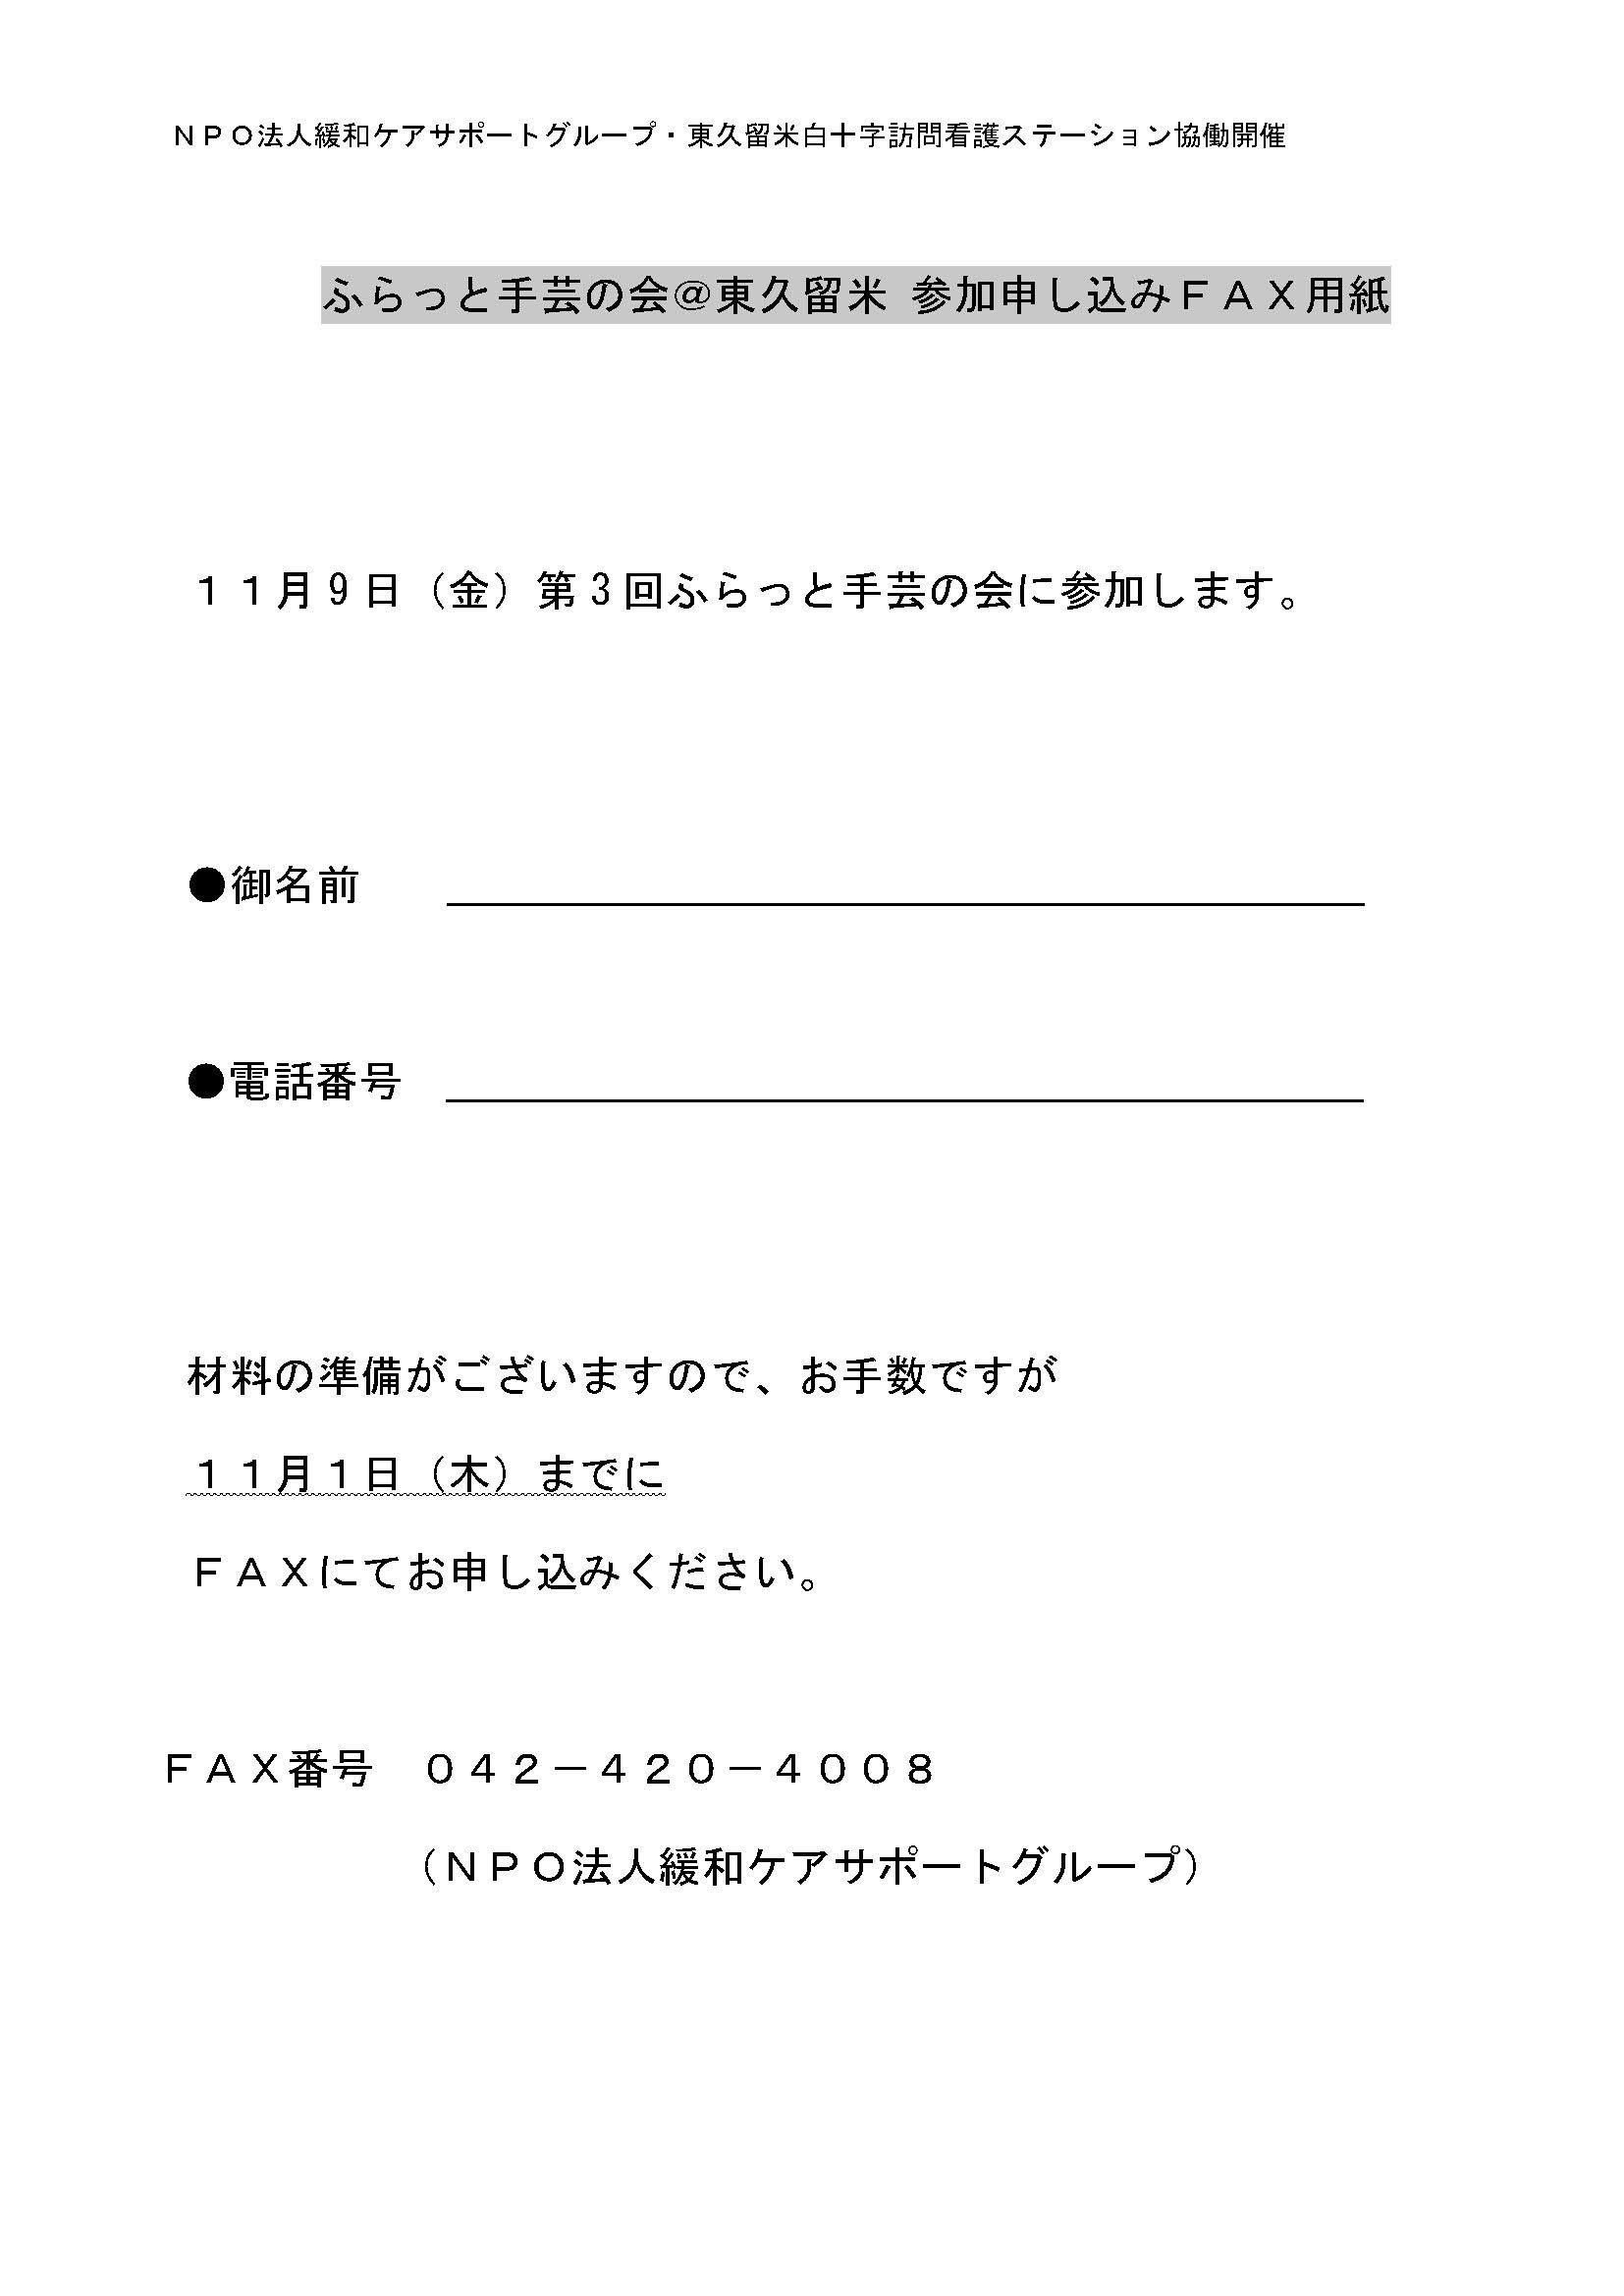 第2回ふらっと手芸の会 @ 東久留米へのお誘い_e0167087_9295473.jpg